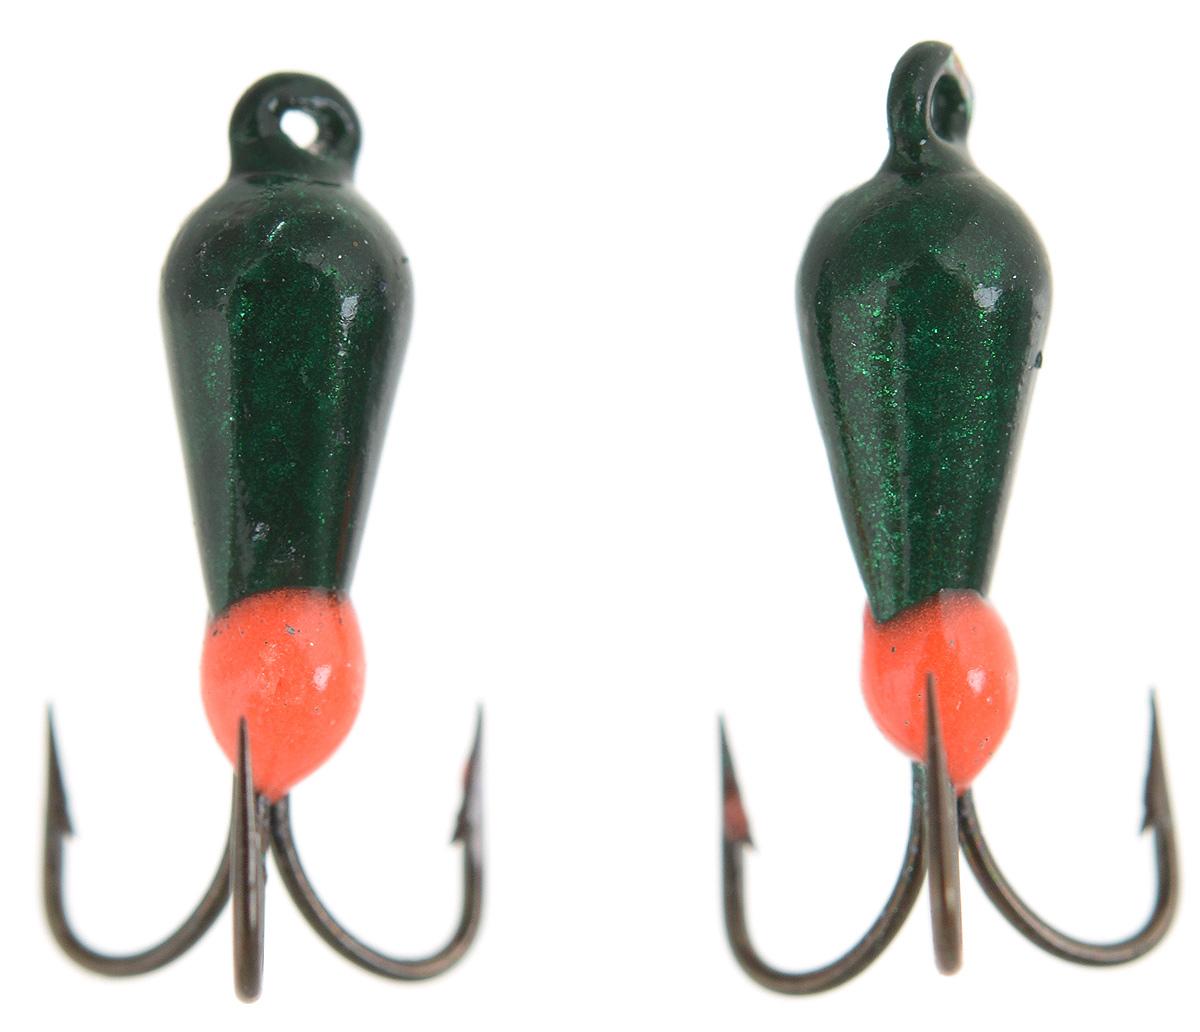 Чертик вольфрамовый Finnex, цвет: темно-зеленый, оранжевый, 0,38 г, 2 штK5-NPRВольфрамовый чертик Finnex - одна из самых популярных приманок для ловли леща, плотвы и другой белой рыбы. Особенно хорошо работает приманка на всевозможных водохранилищах. Не пропустит ее и другая рыба, в том числе окунь, судак и щука.